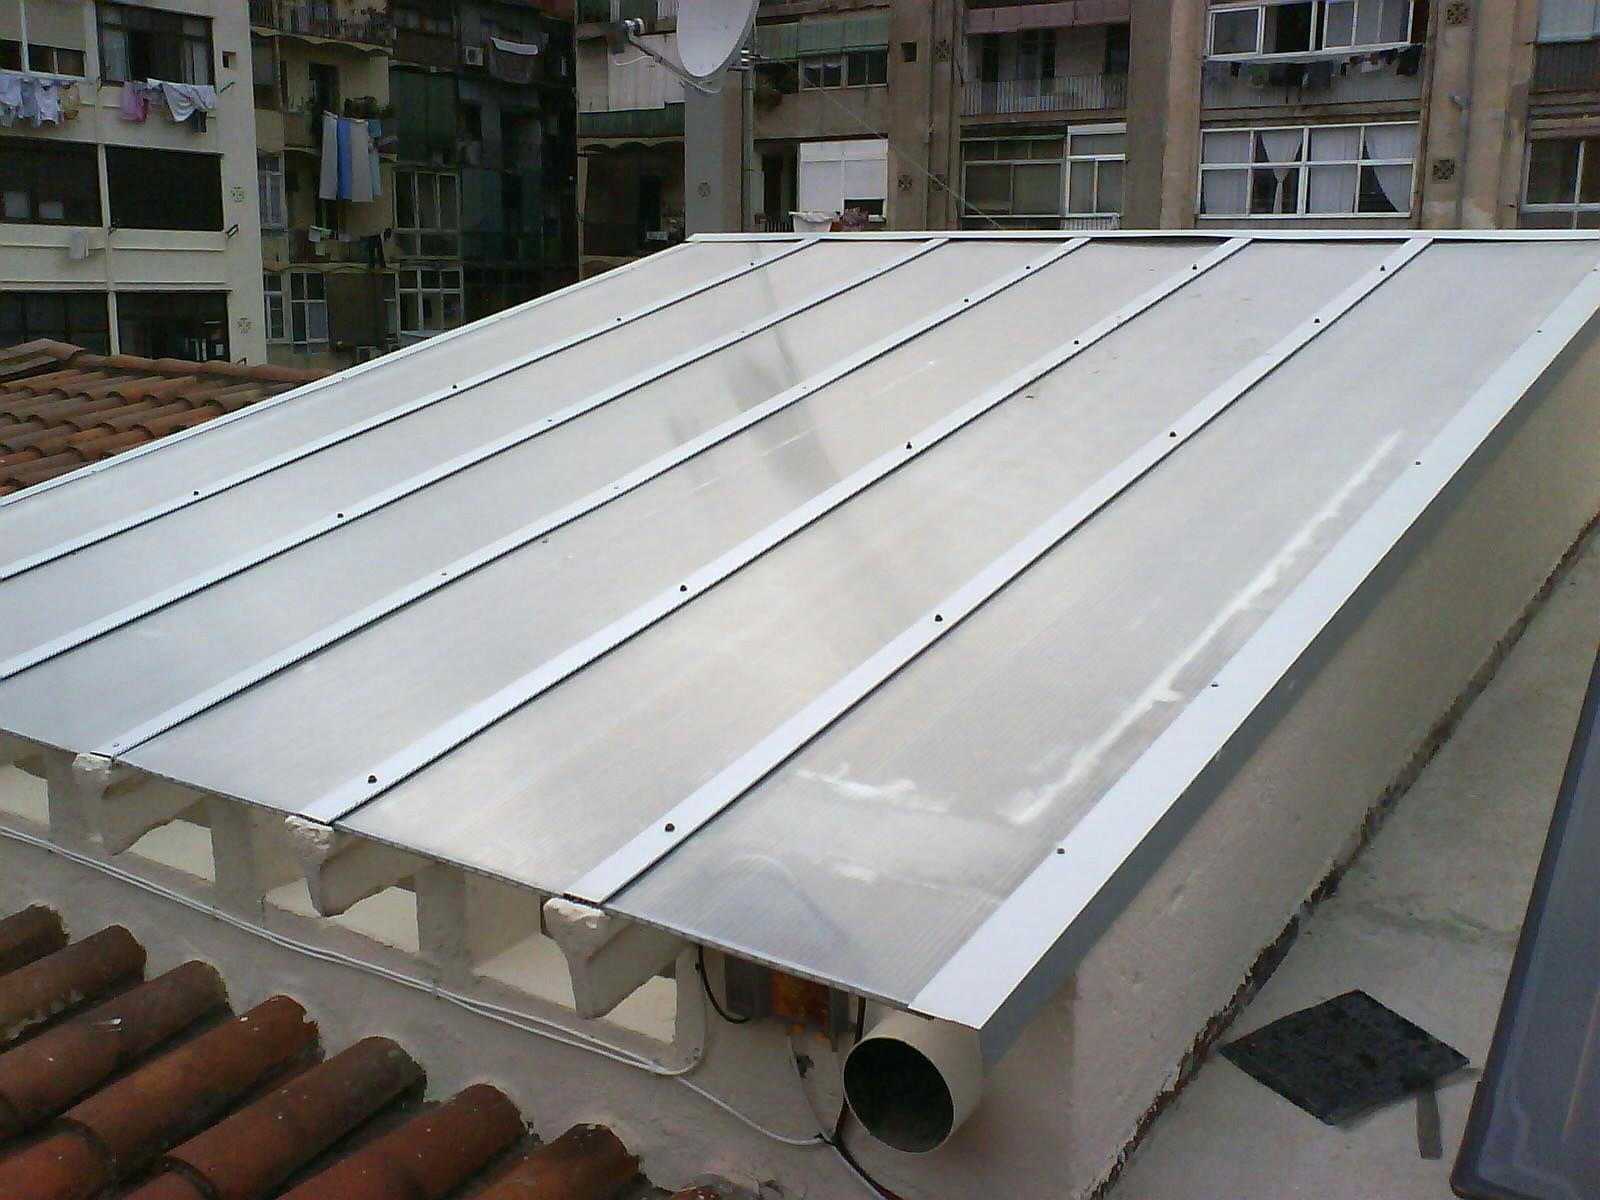 Fabricaci n venta e instalaci n de techos y tejados en - Material para tejados ...